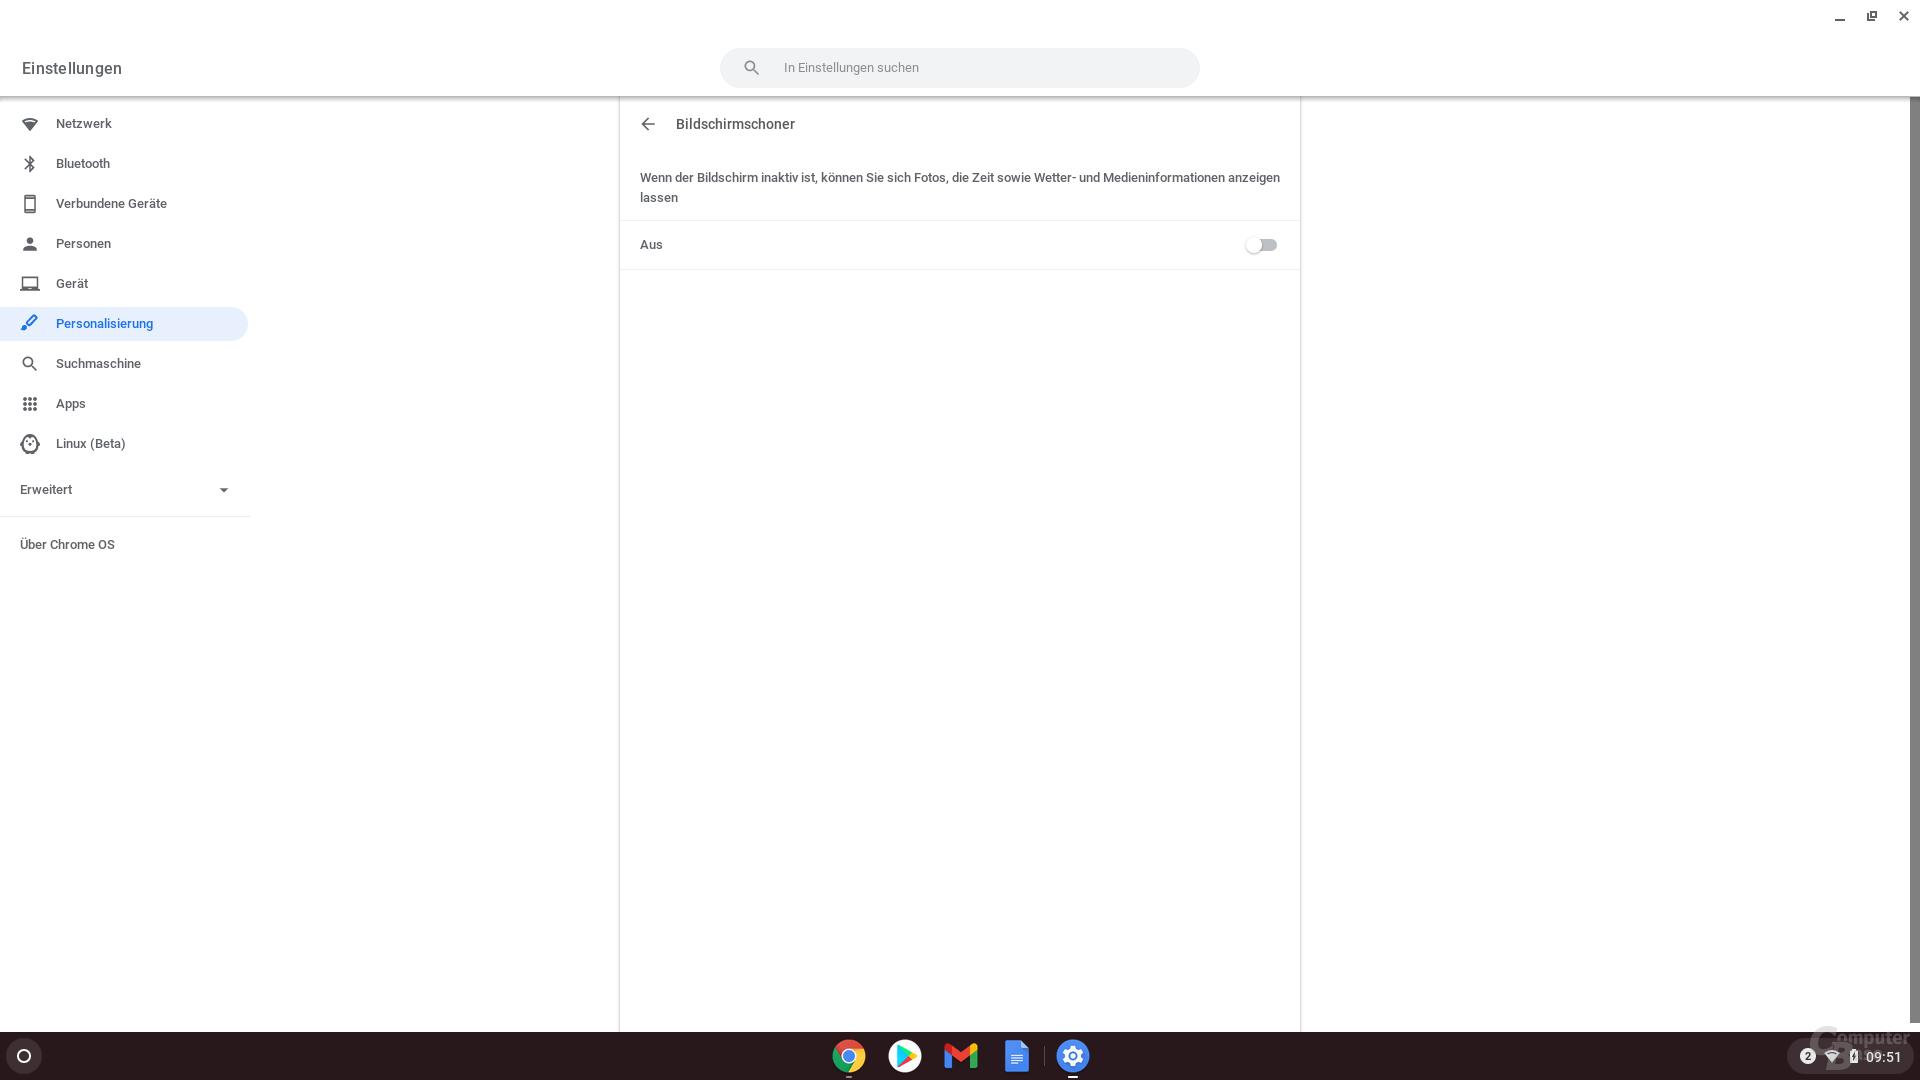 Den personalisierten Sperrbildschirm in Chrome OS 88 aktivieren